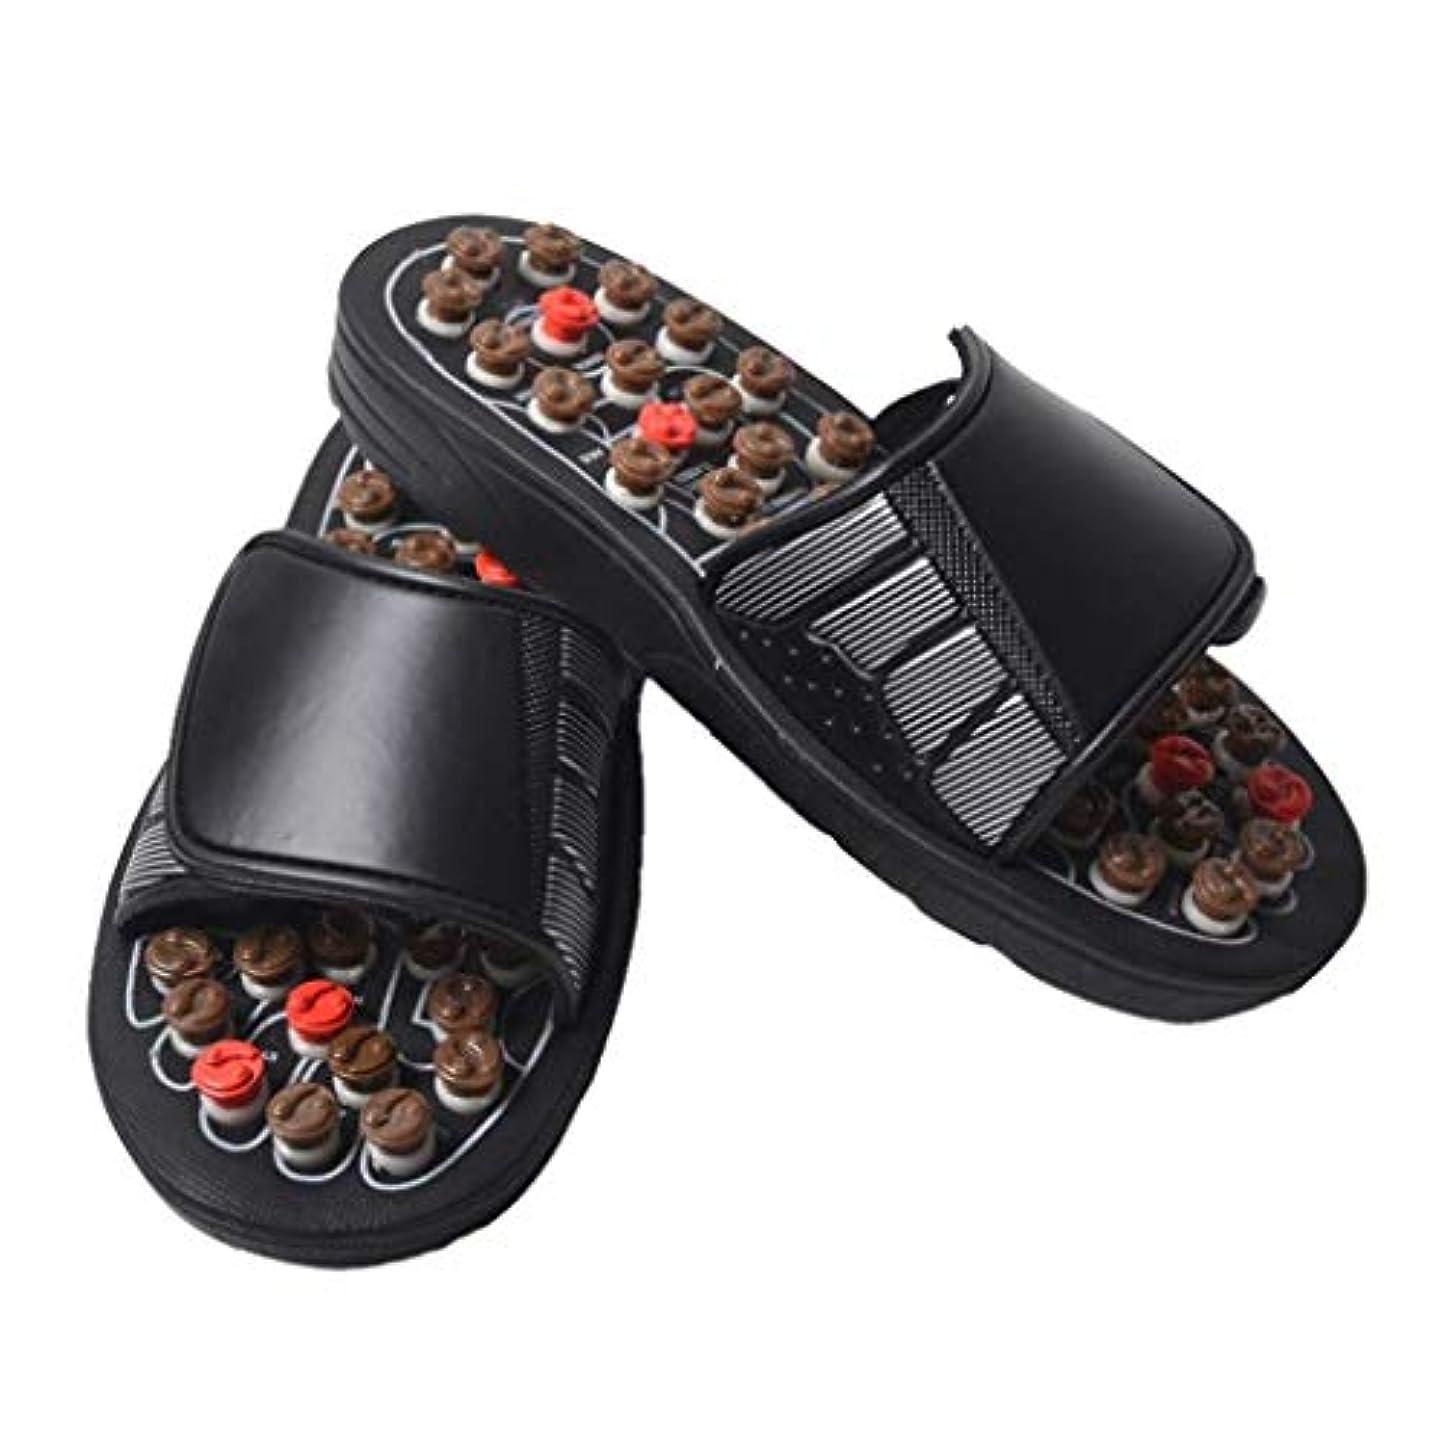 補足フルーティー宝フットマッサージャー、足底筋膜炎用の取り外し可能な回転鍼ポイント、滑り止めスリッパ、フットマッサージ、サンダル、指圧マッサージ、男性/女性に適しています (Color : Brown, Size : 43)